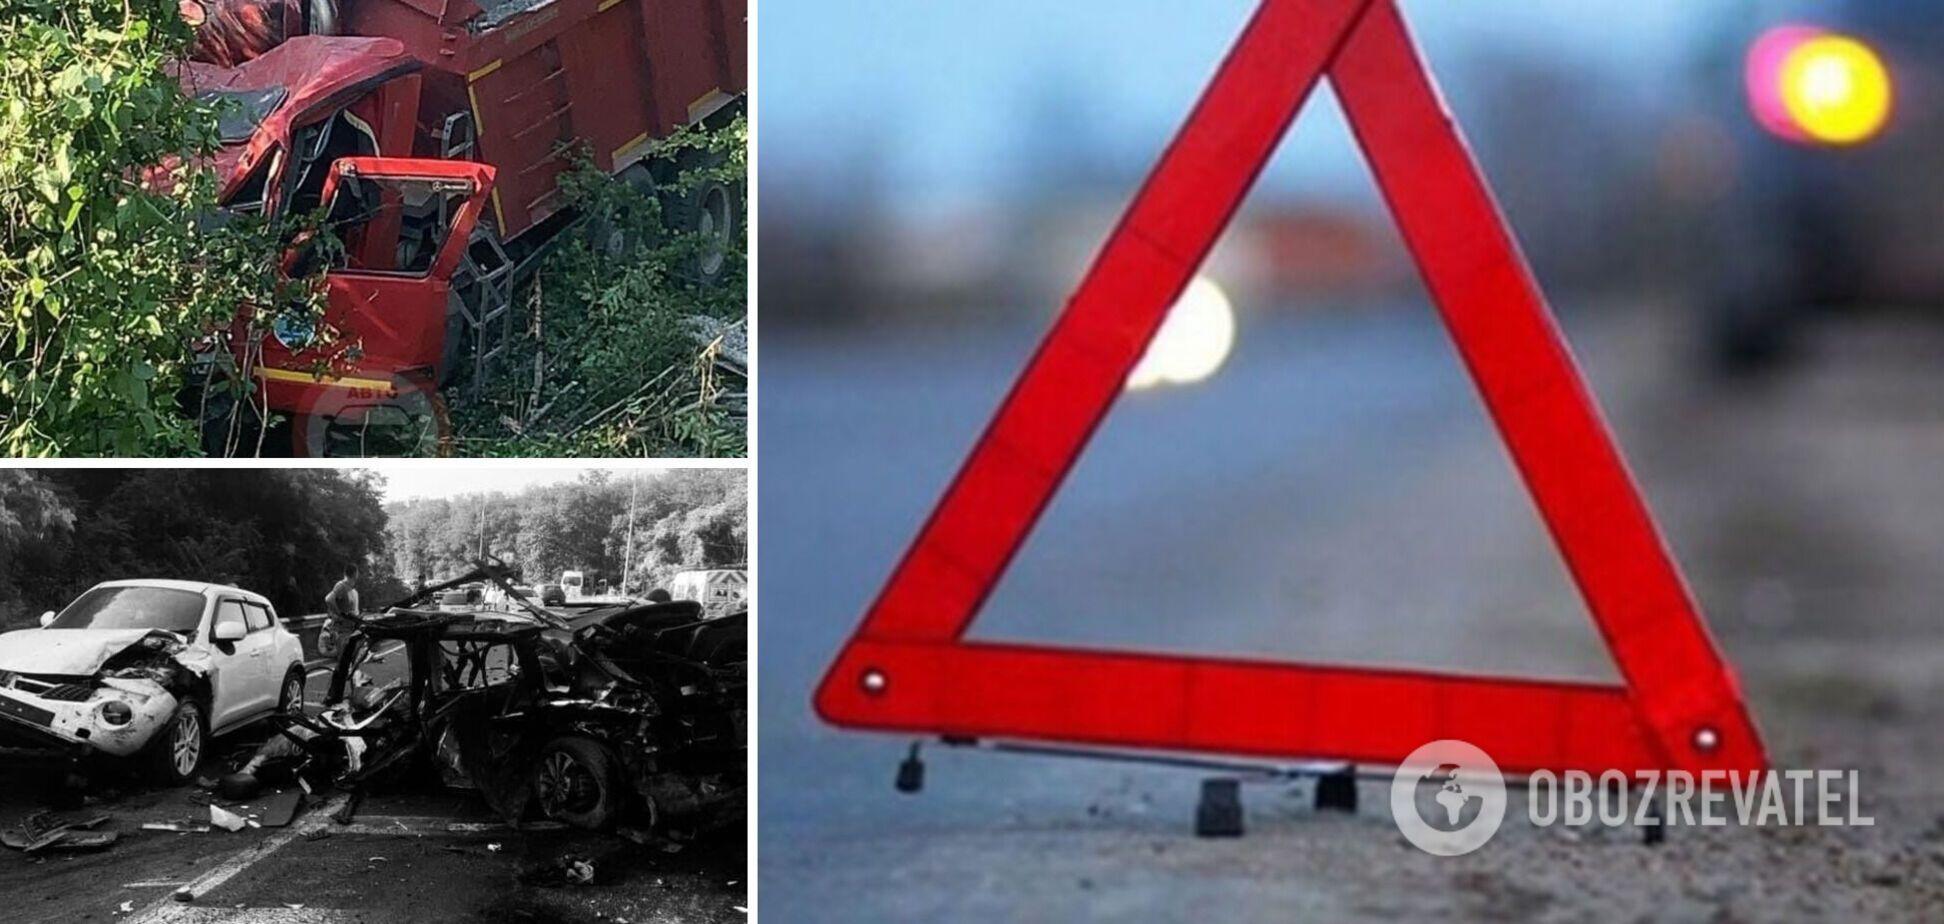 У ДТП в окупованому Криму загинули п'ятеро людей, серед них – двоє підлітків. Фото і відео